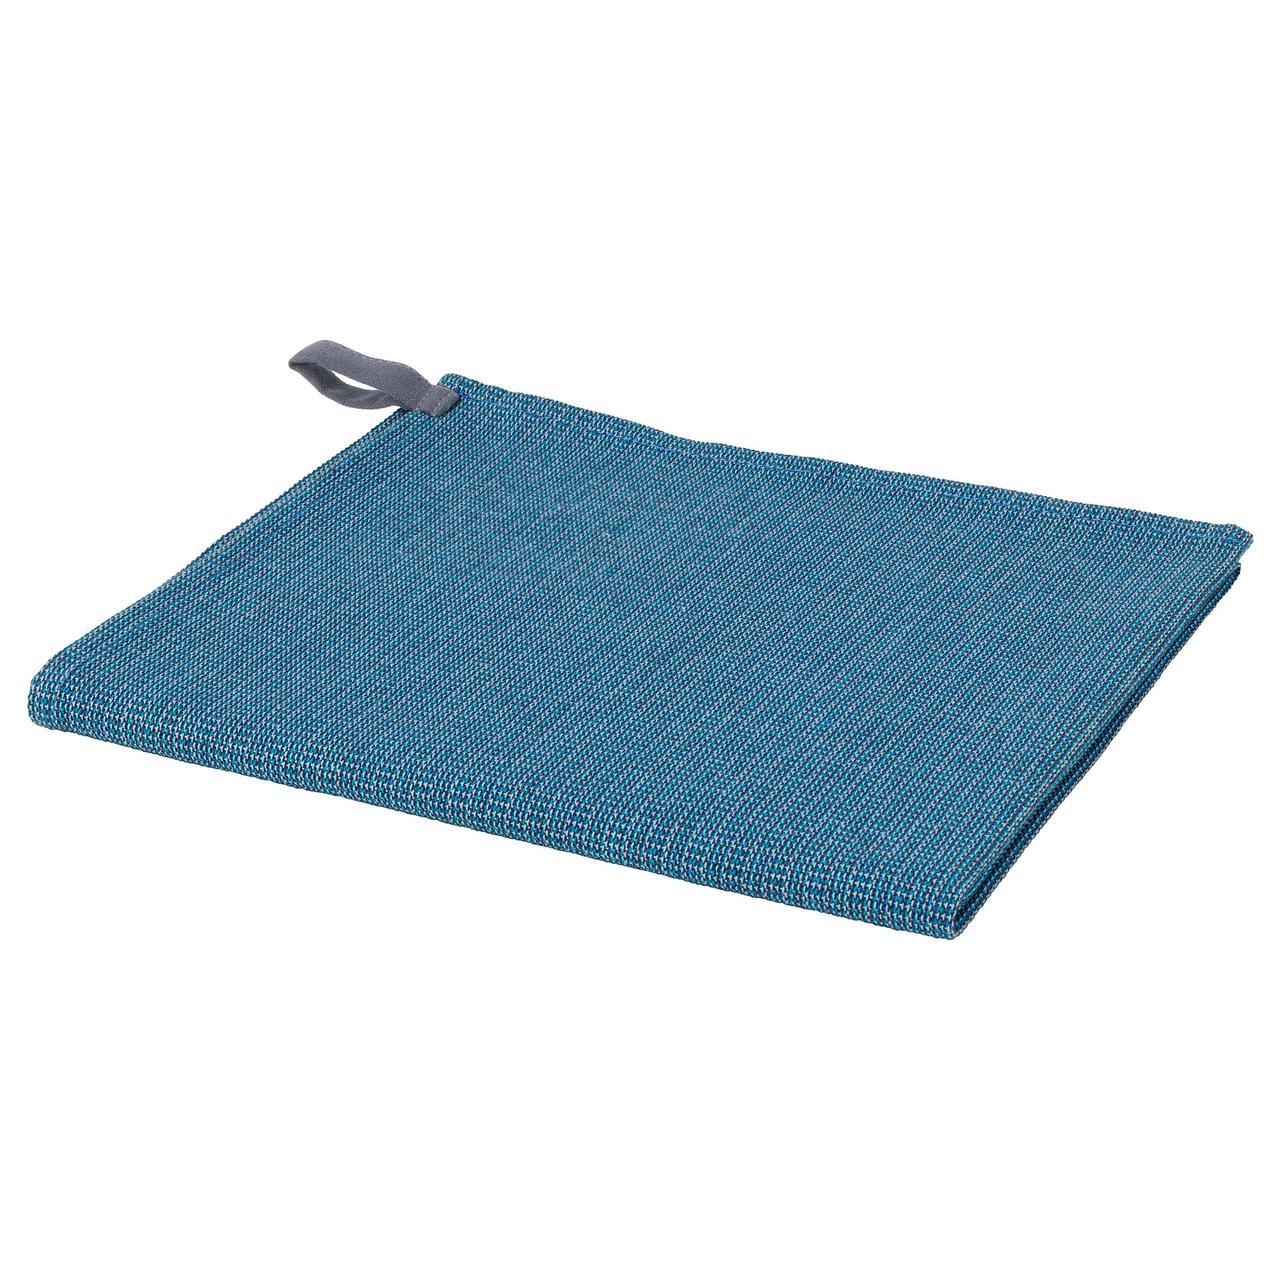 СОММАР 2019 Полотенце кухонное, синий